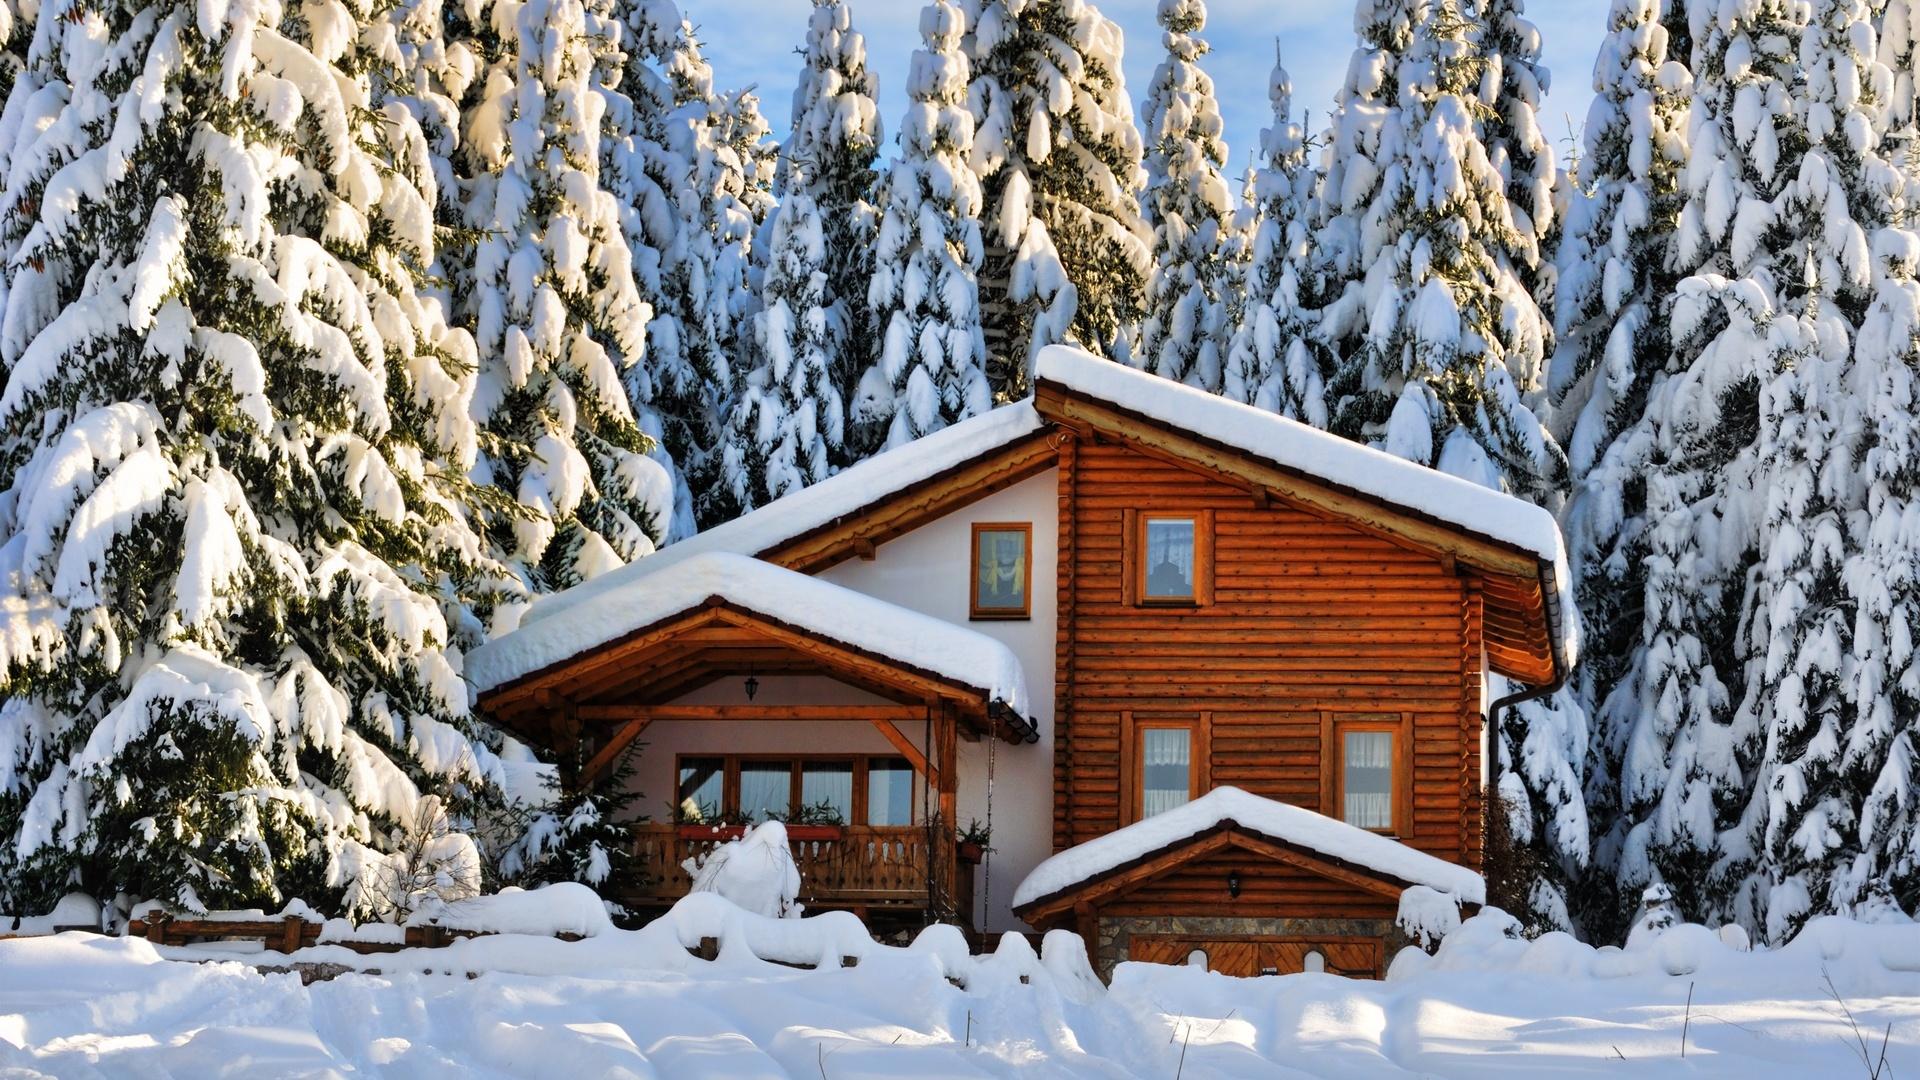 деревянный дом, деревья, снег, зима